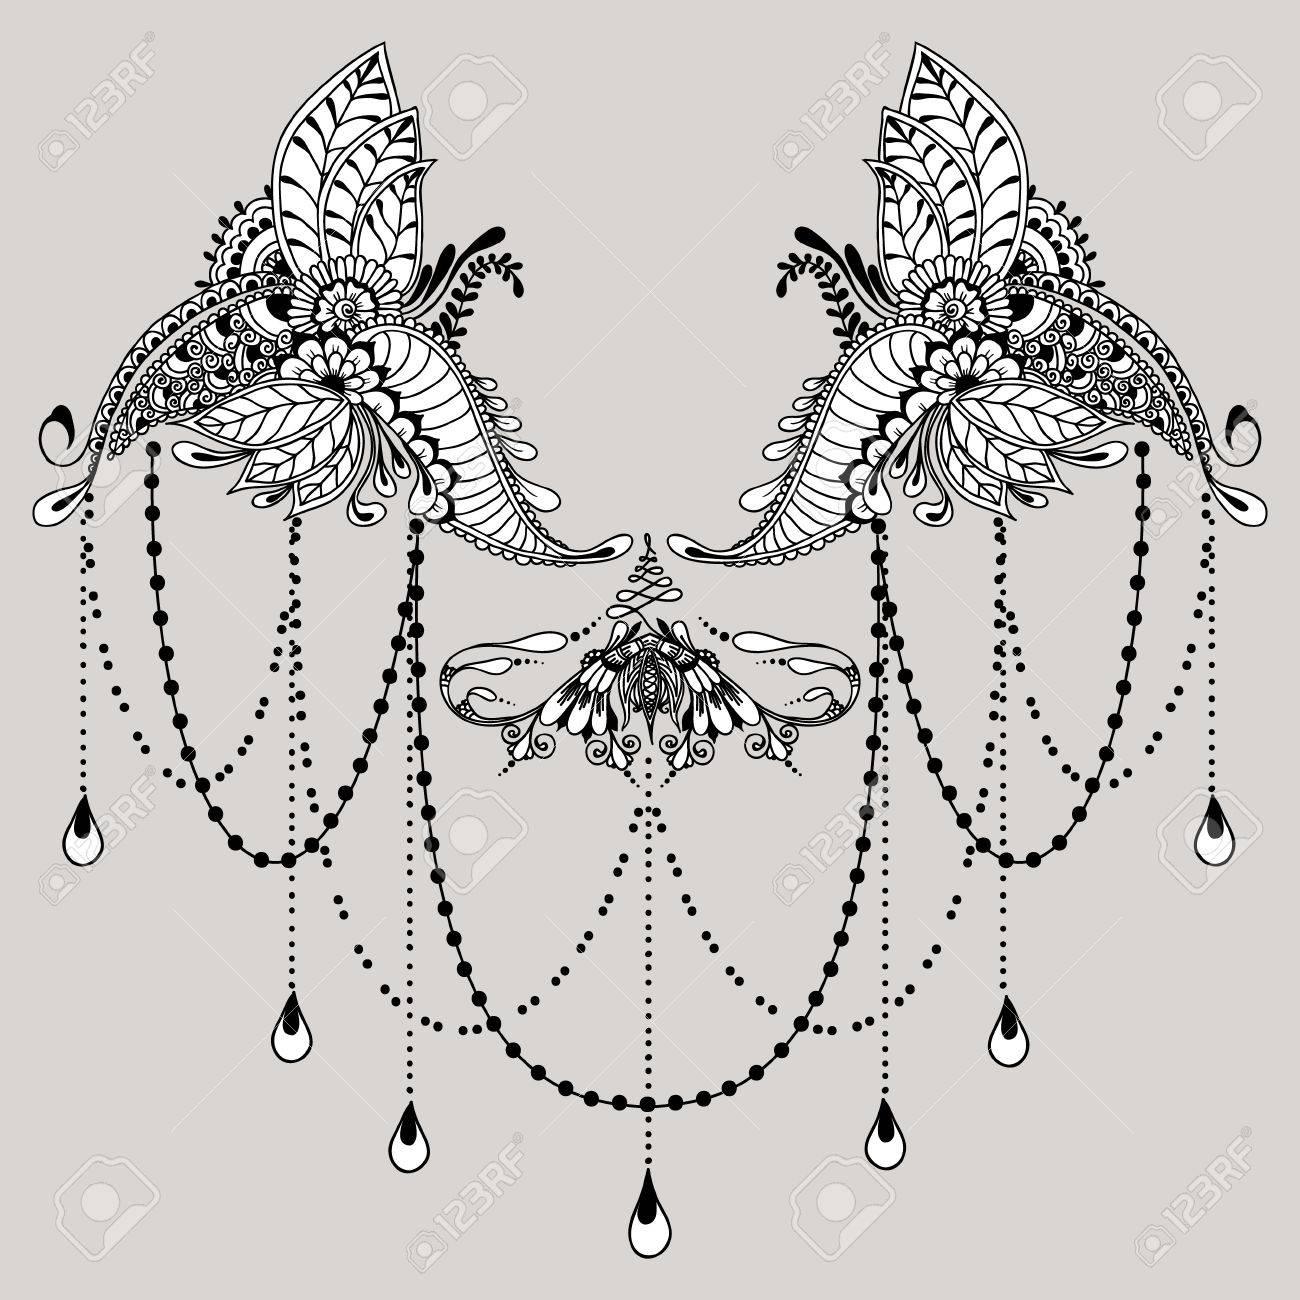 Vorlage Für Tattoo Design Mit Mehndi Elemente Blumenverzierung